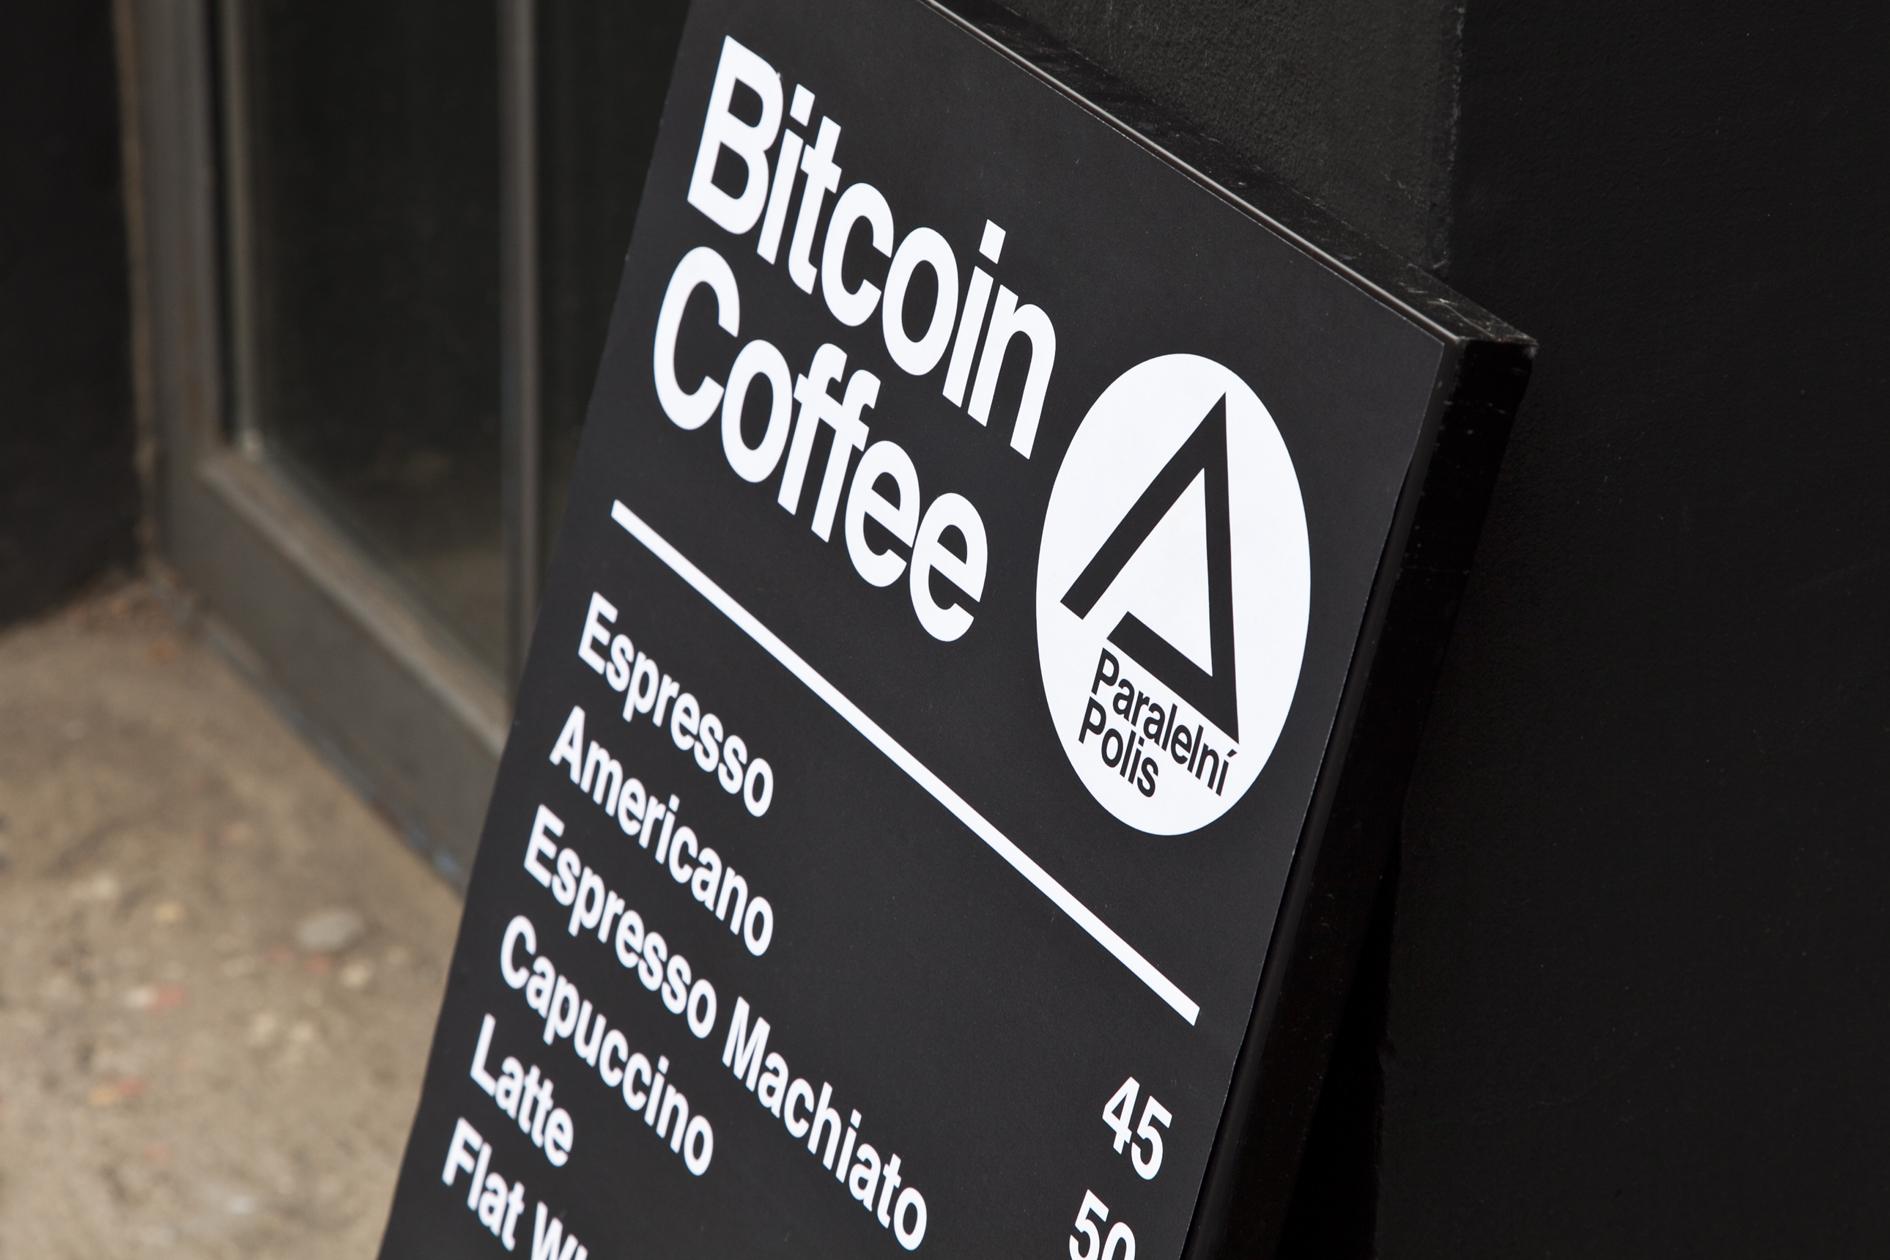 купить кофе биткоин Прага